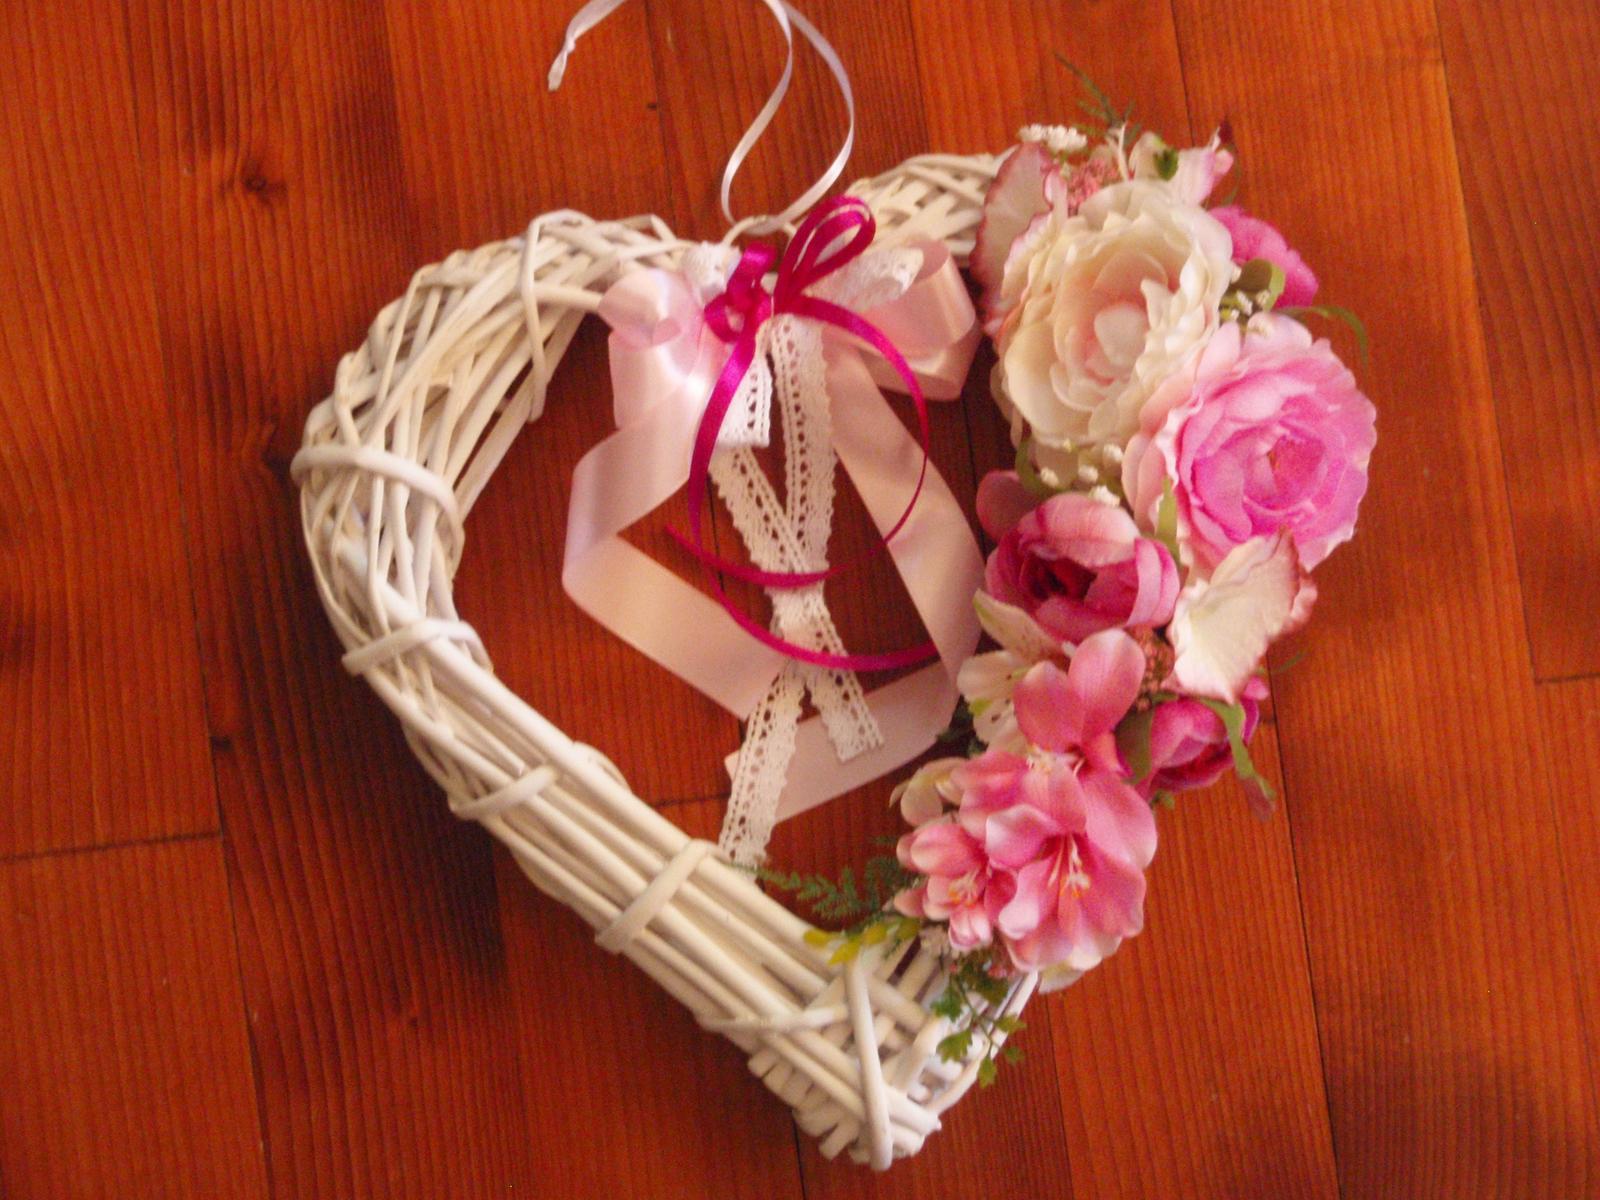 277. Cyklamenovo-ružové srdce 32cm - Obrázok č. 1